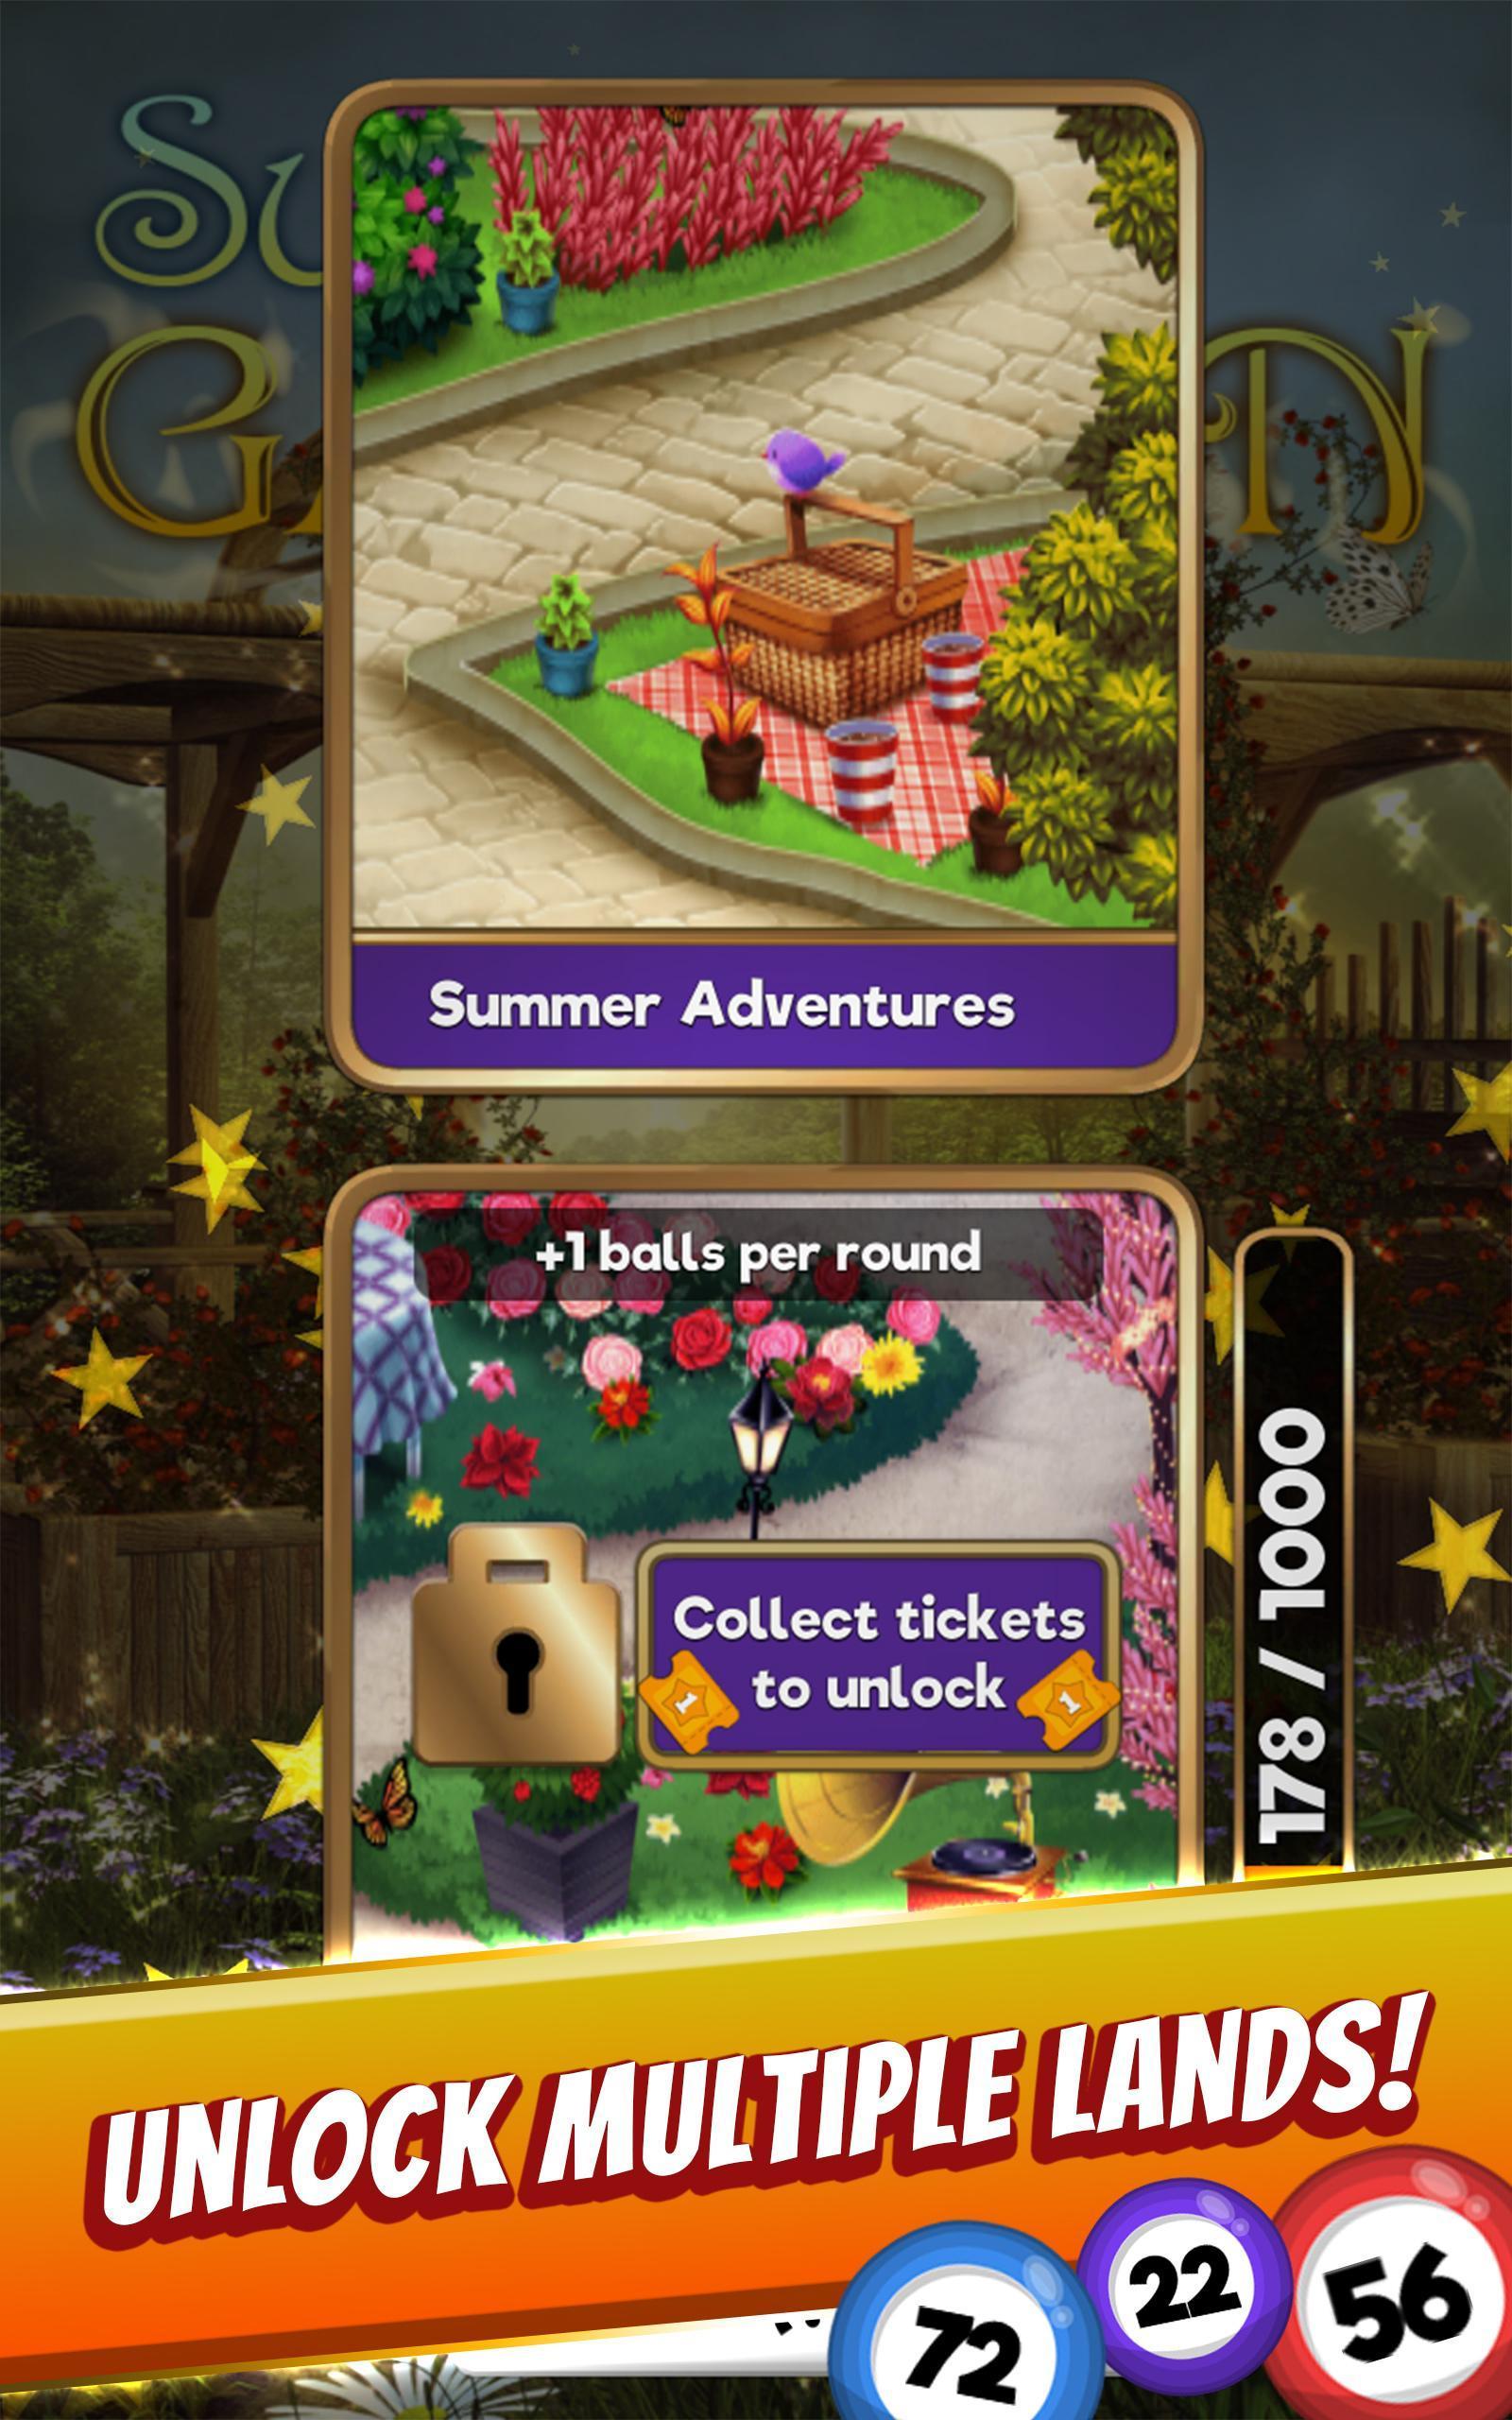 Bingo Quest - Summer Garden Adventure 64.123 Screenshot 5